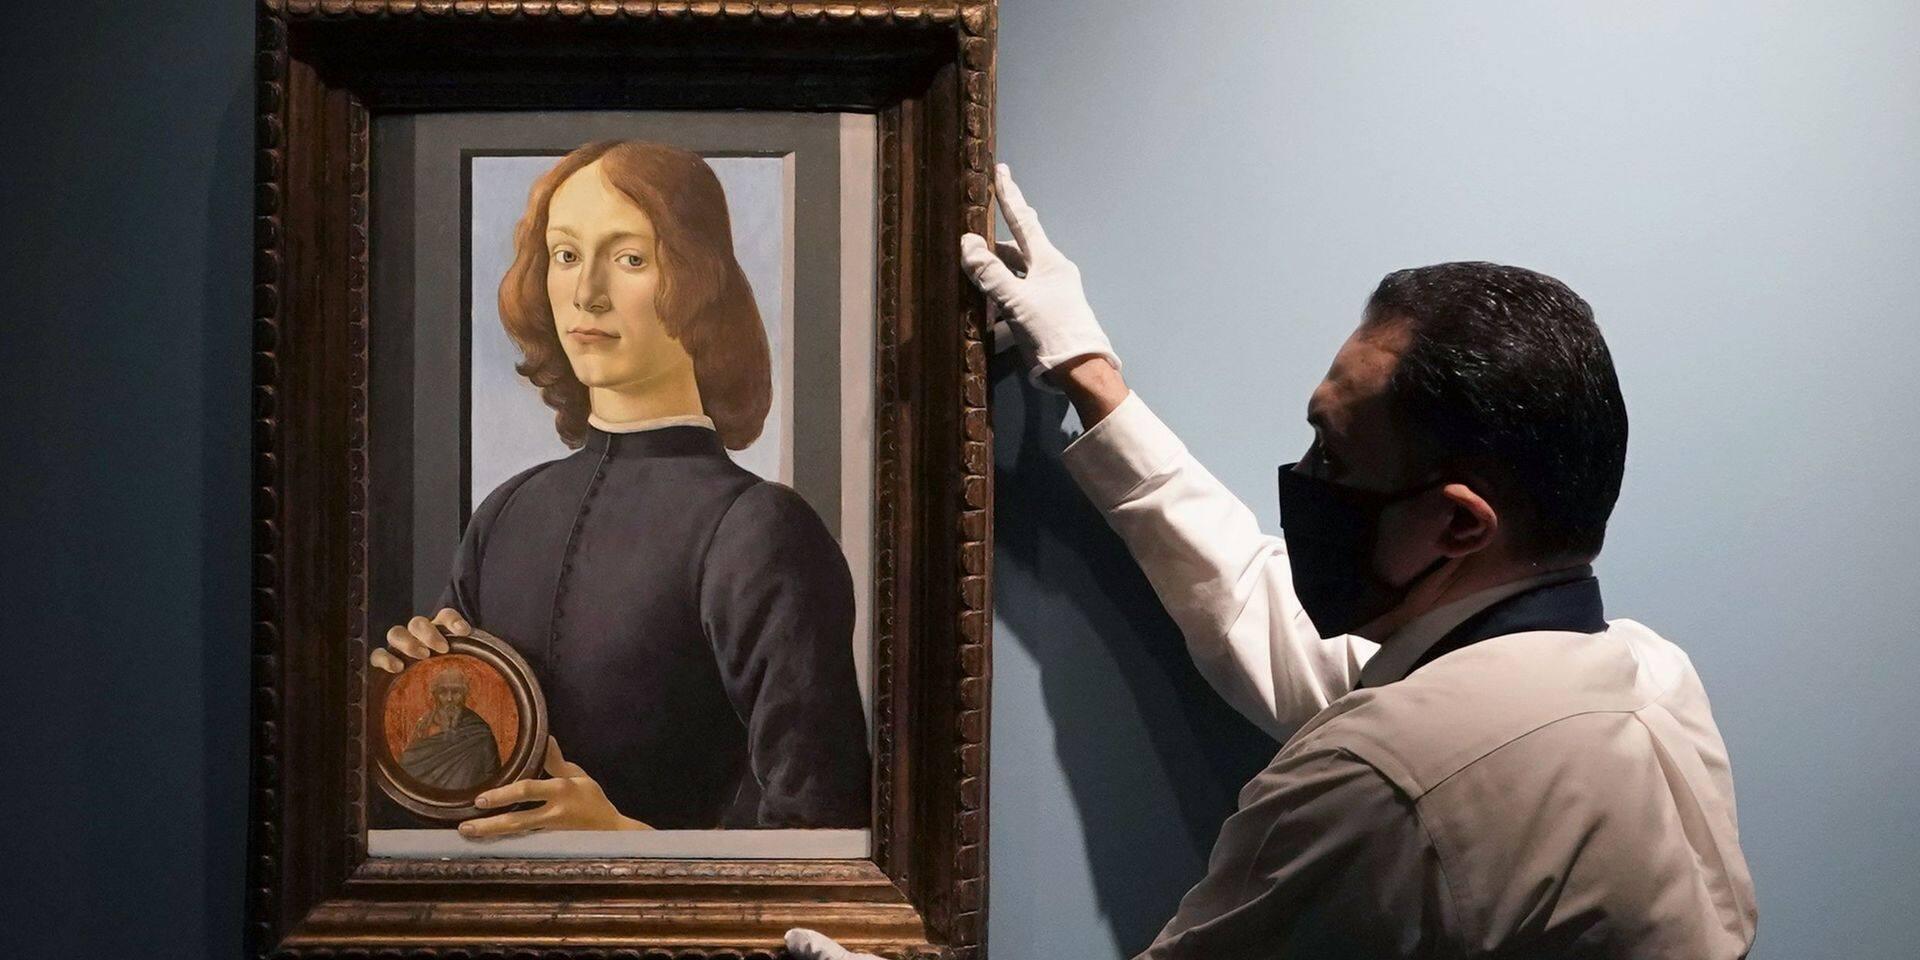 Une rare toile de Botticelli vendue 92,2 millions de dollars aux enchères